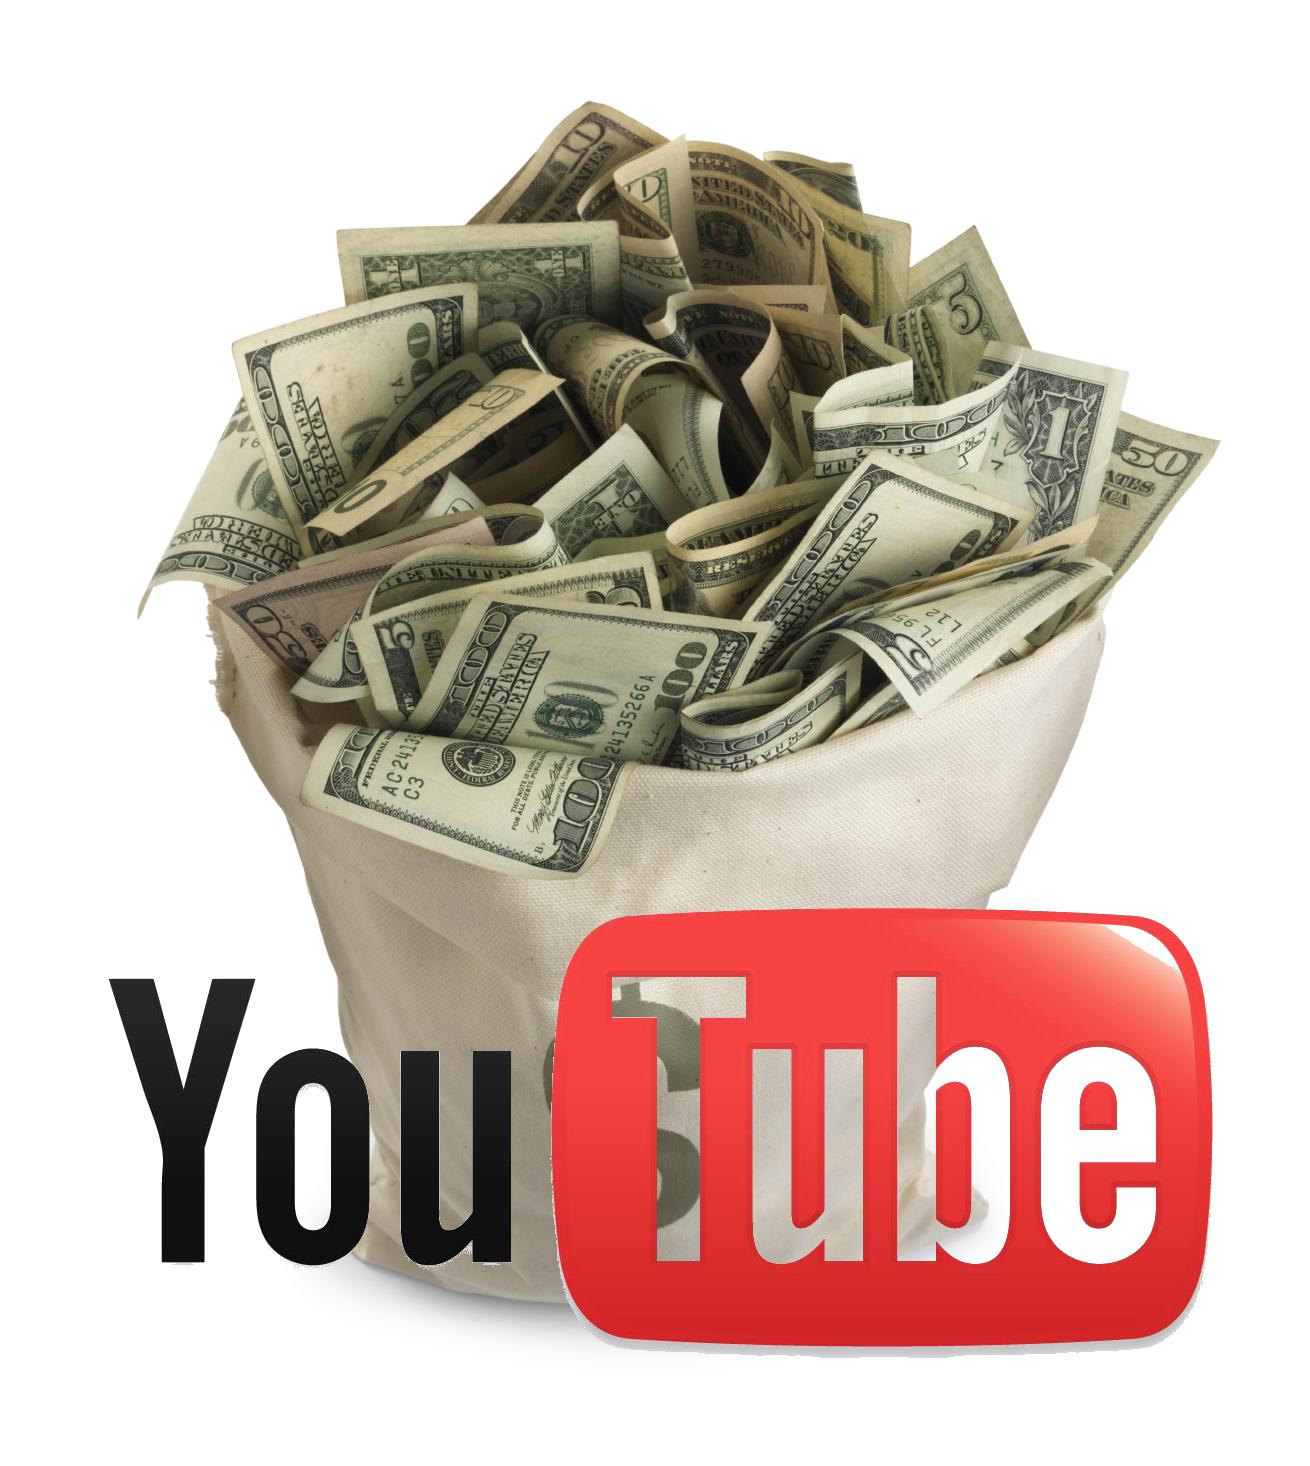 YouTube Nereye Gidiyor? Nasıl Youtuber olunur?